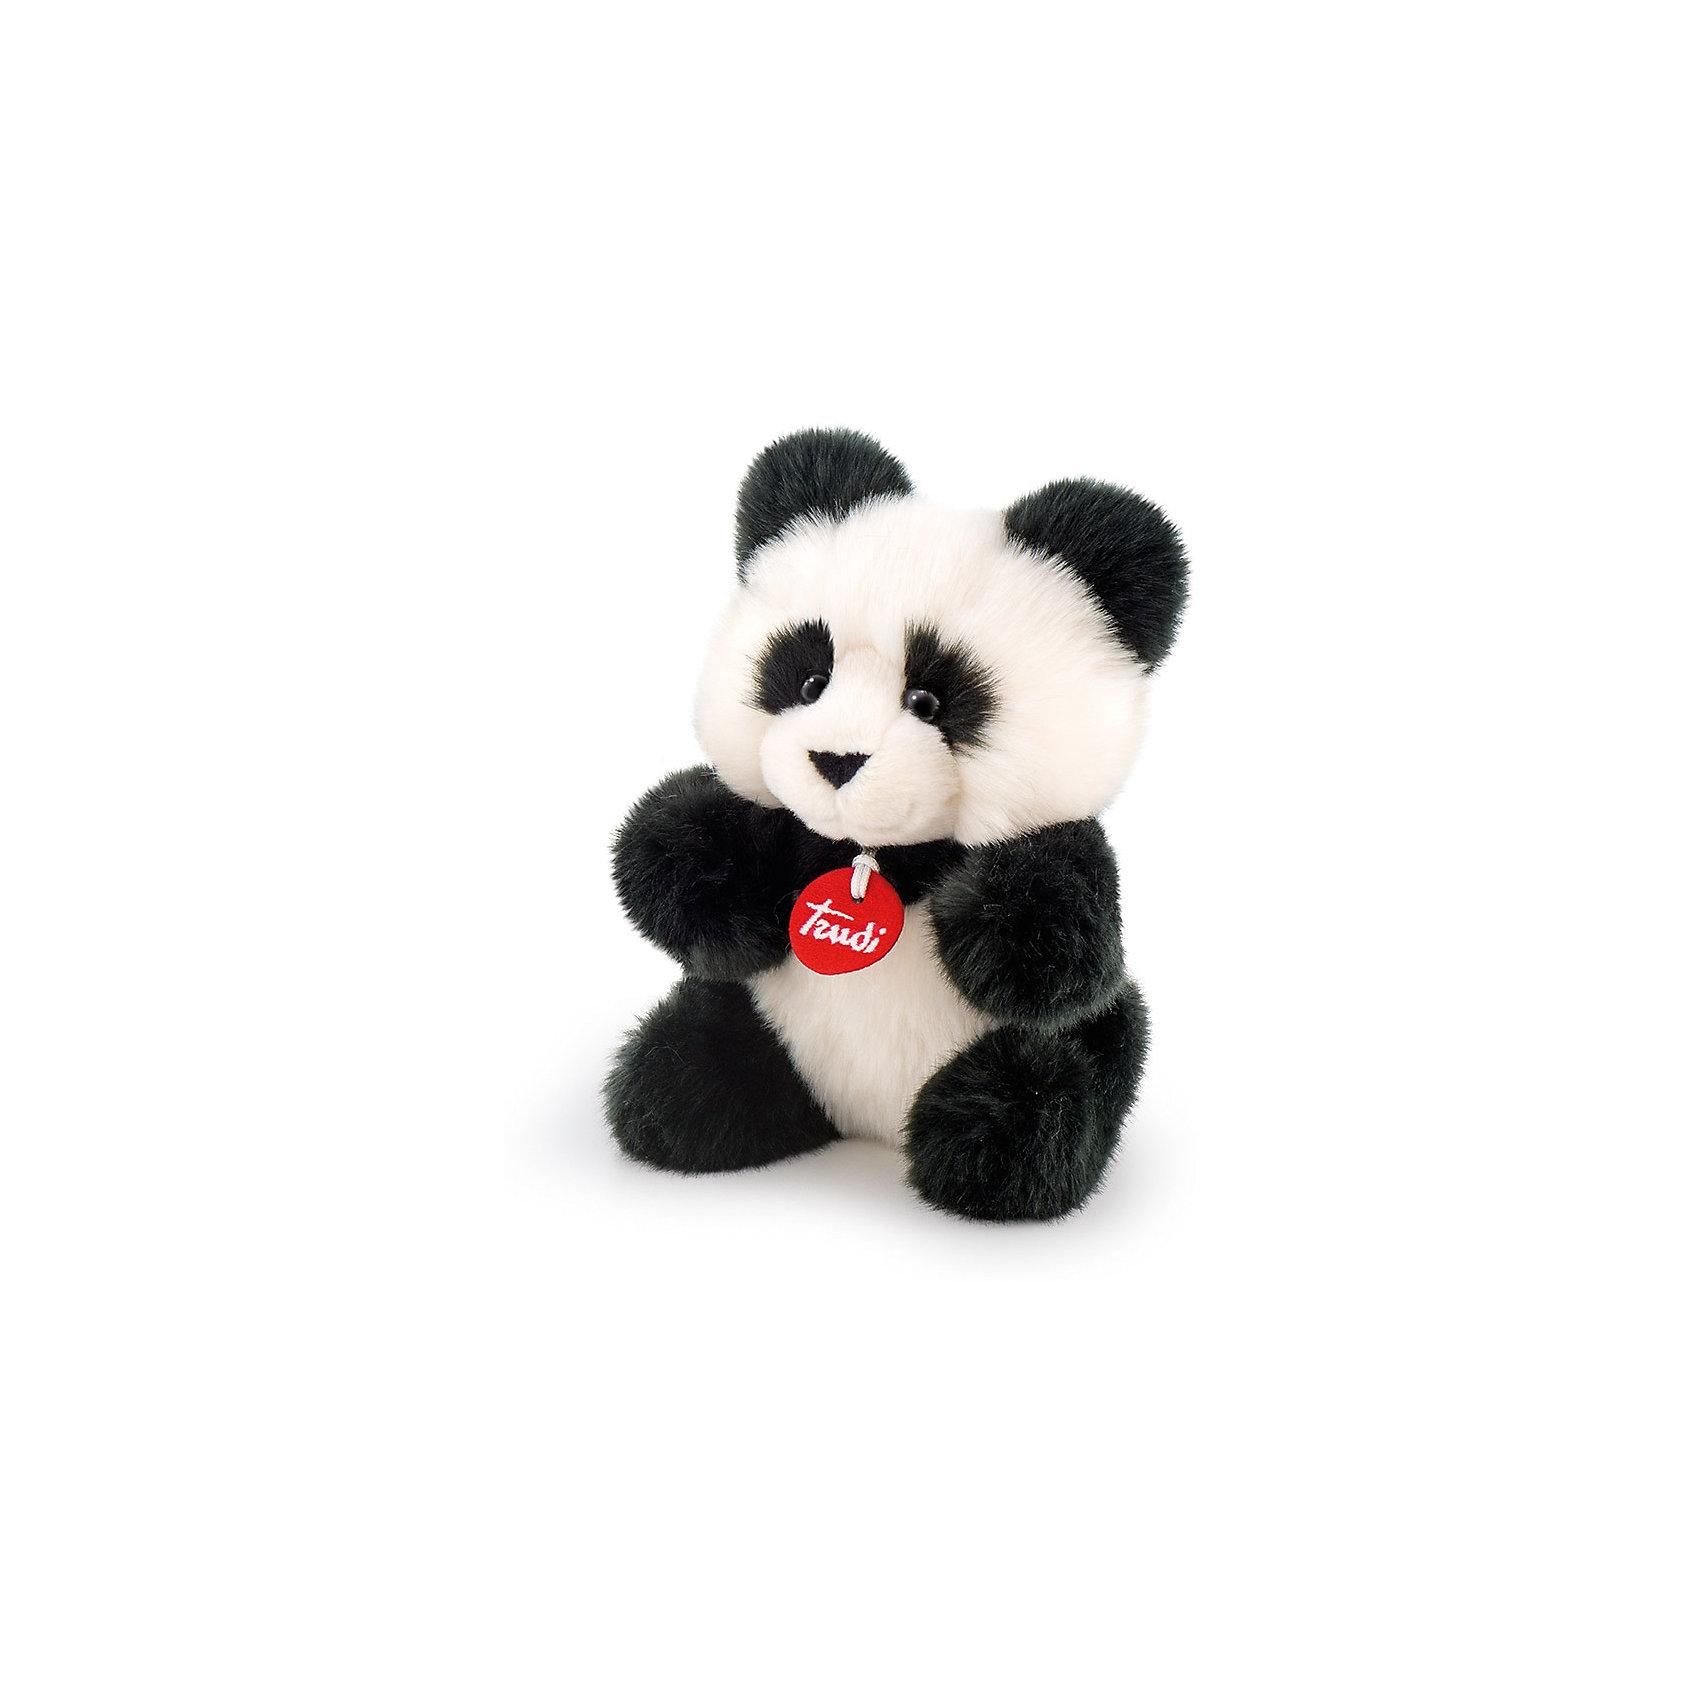 Панда-пушистик, 24 см, TrudiЗвери и птицы<br>Характеристики товара:<br><br>• возраст от 3 лет;<br>• материал: искусственный мех, пластик;<br>• высота игрушки 24 см;<br>• размер упаковки 24х10х14 см;<br>• вес упаковки 150 гр.;<br>• страна производитель Индонезия.<br><br>Панда-пушистик Trudi — милая пушистая панда с черными глазками-пуговками, большими мягкими ушками и лапками. Малыш может играть с пандой дома, брать на прогулку или в гости, брать с собой в кроватку перед сном. Игрушка выполнена из приятного на ощупь качественного материала, который безопасен для детей. <br><br>Панду-пушистик Trudi можно приобрести в нашем интернет-магазине.<br><br>Ширина мм: 100<br>Глубина мм: 140<br>Высота мм: 240<br>Вес г: 150<br>Возраст от месяцев: 36<br>Возраст до месяцев: 2147483647<br>Пол: Унисекс<br>Возраст: Детский<br>SKU: 5578420